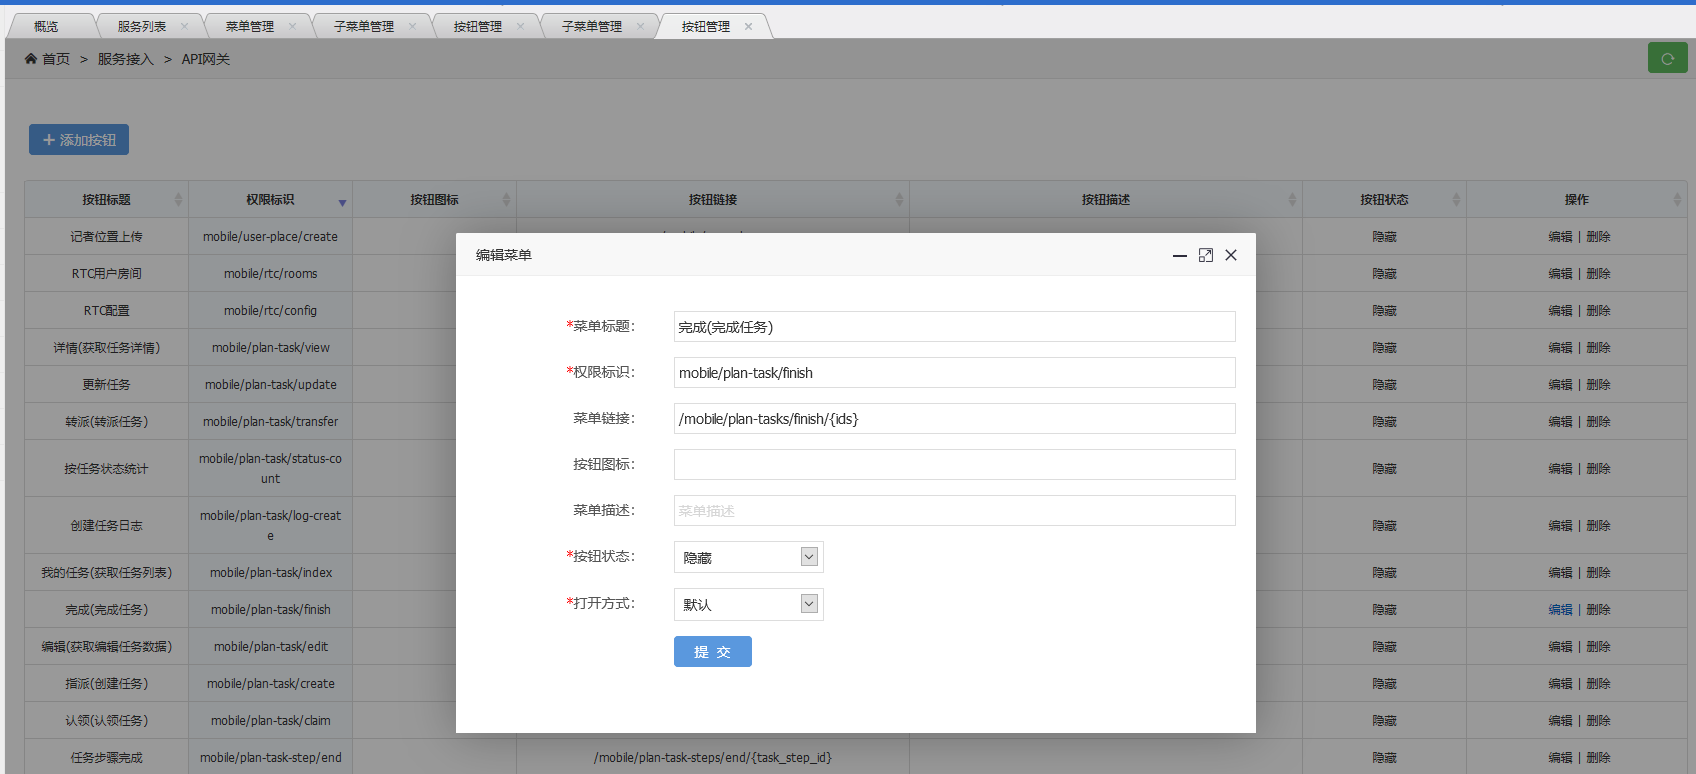 如果需要新增加一个菜单/权限(例:移动端 - 任务 - 完成(完成任务):/mobile/plan-tasks/finish/{ids}(mobile/plan-task/finish)),那么其操作步骤大致如下,第一步,在服务层面添加菜单